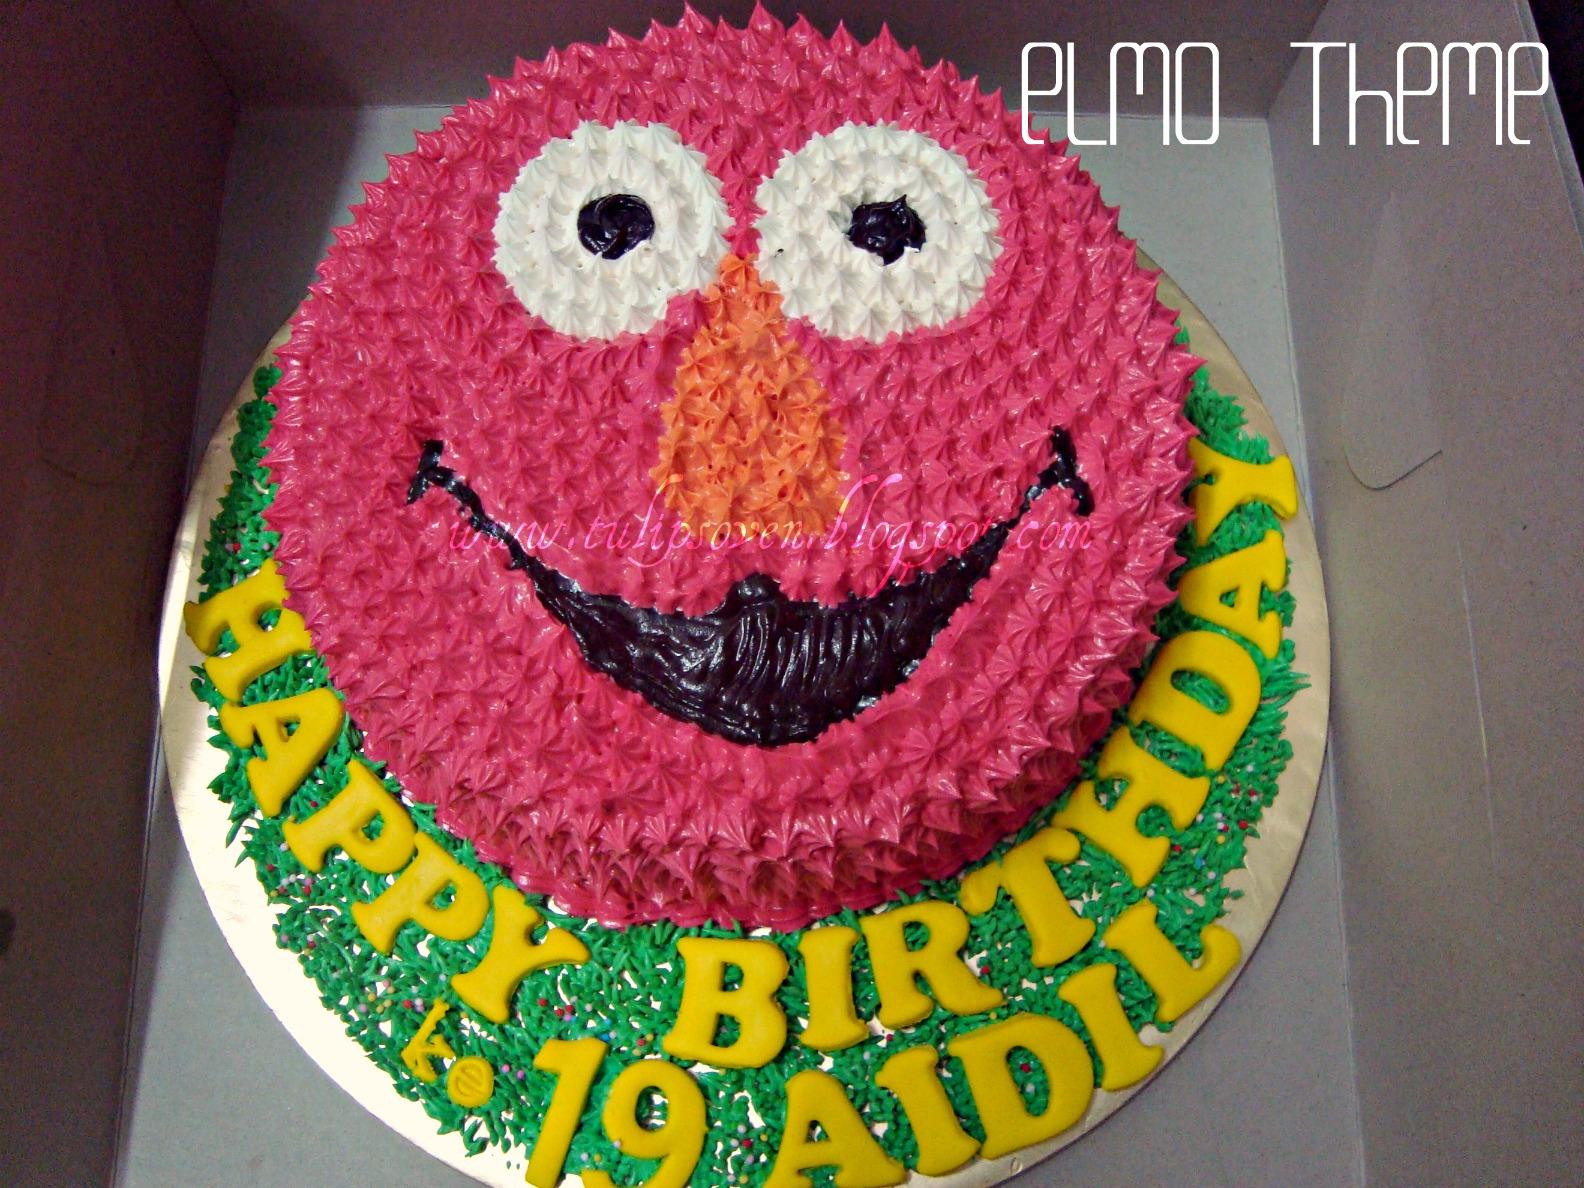 Elmo Theme BIRTHDAY CAKE